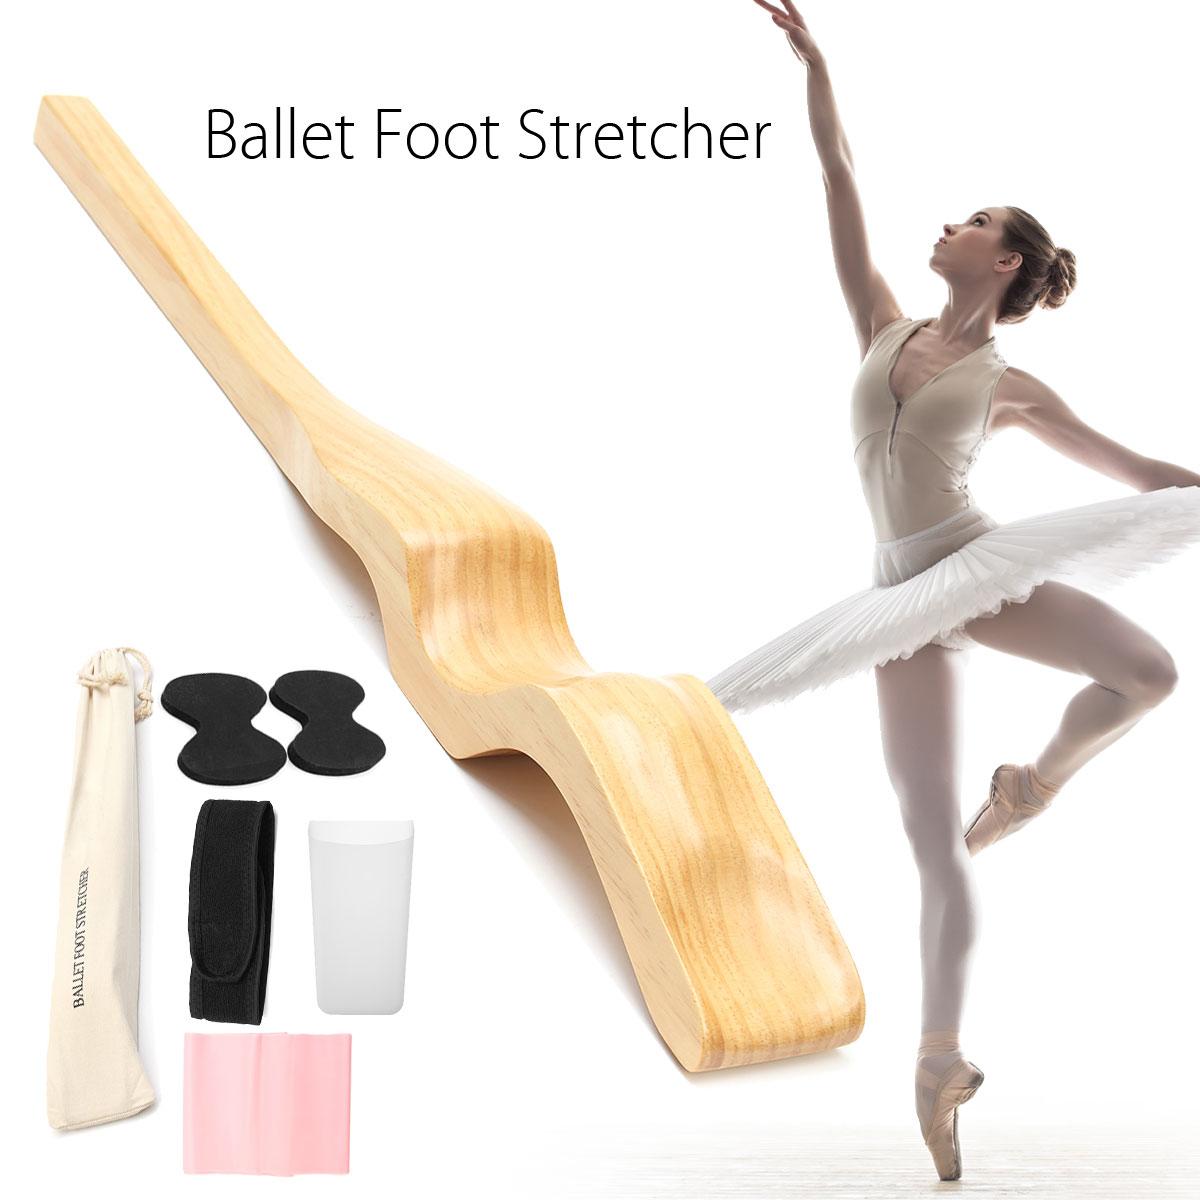 Bout droit de pied de Ballet de femme pour le Massage de danseur, renforceur en bois d'arc de danse de Ballet en bois avec la courroie élastique de Tension pour le Yoga